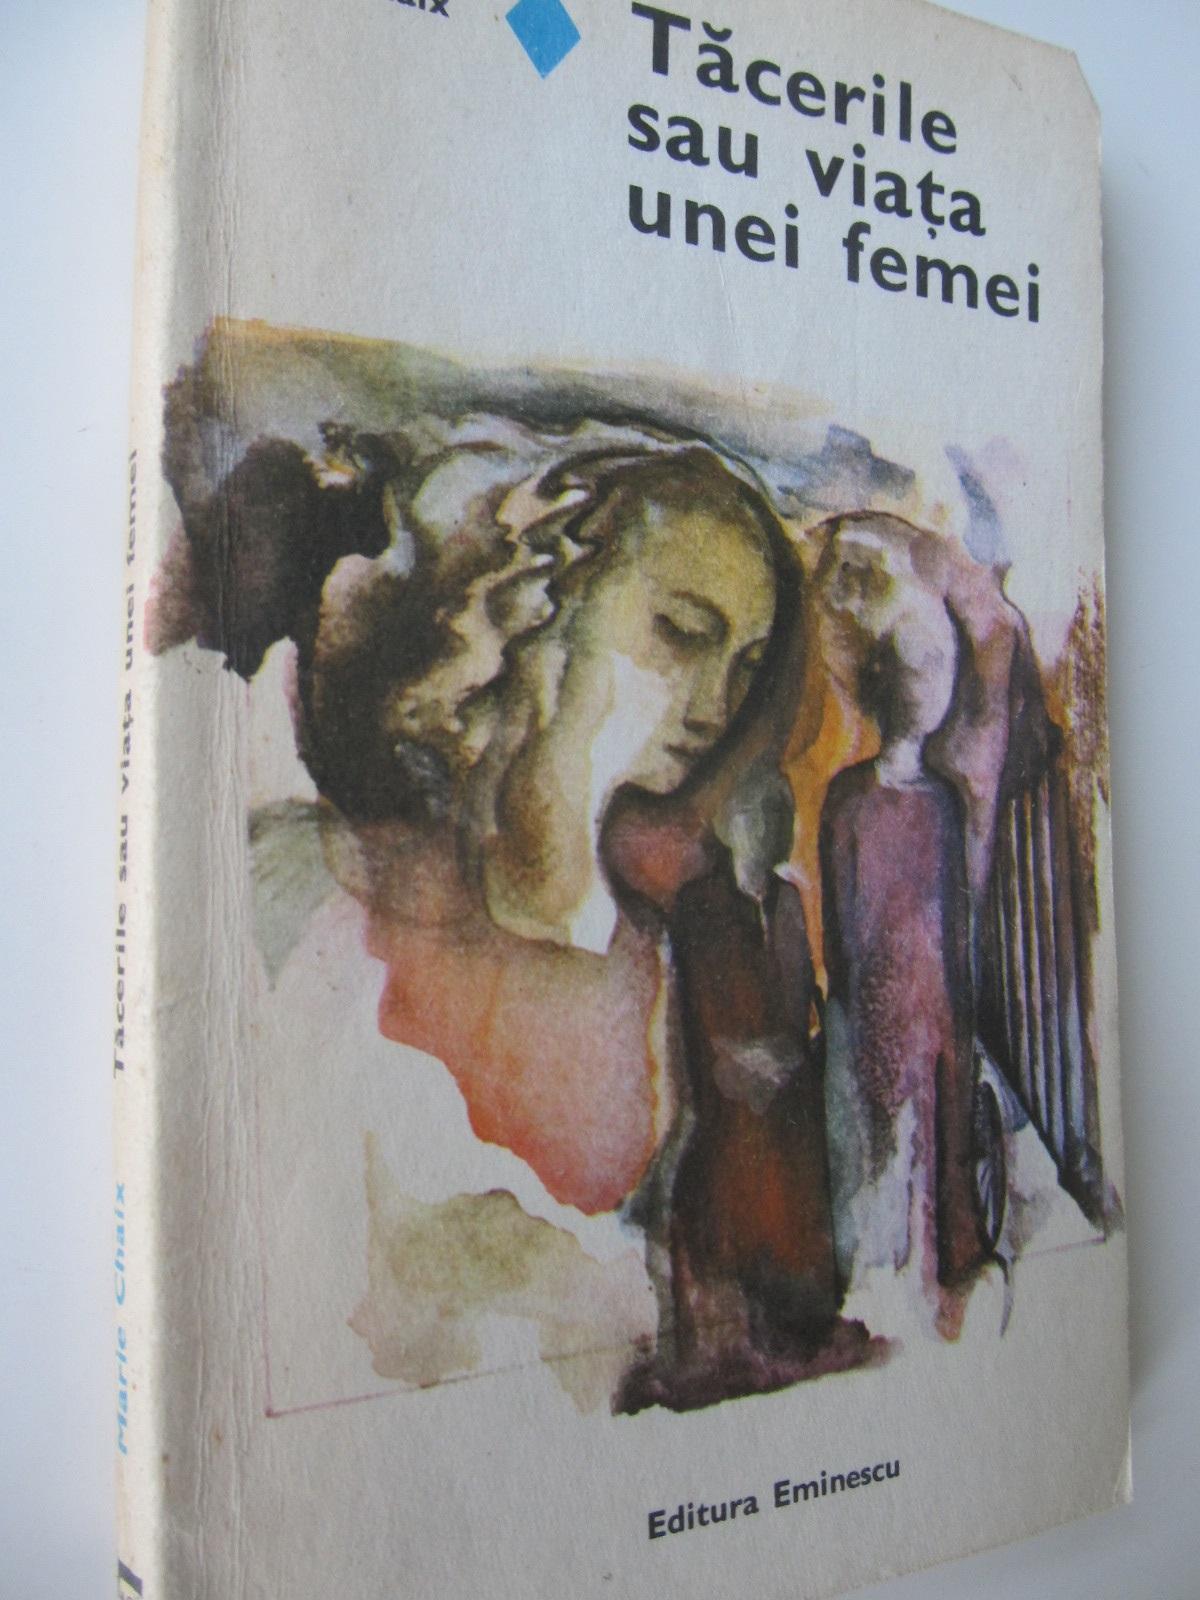 Tacerile sau viata unei femei - Marie Chaix | Detalii carte